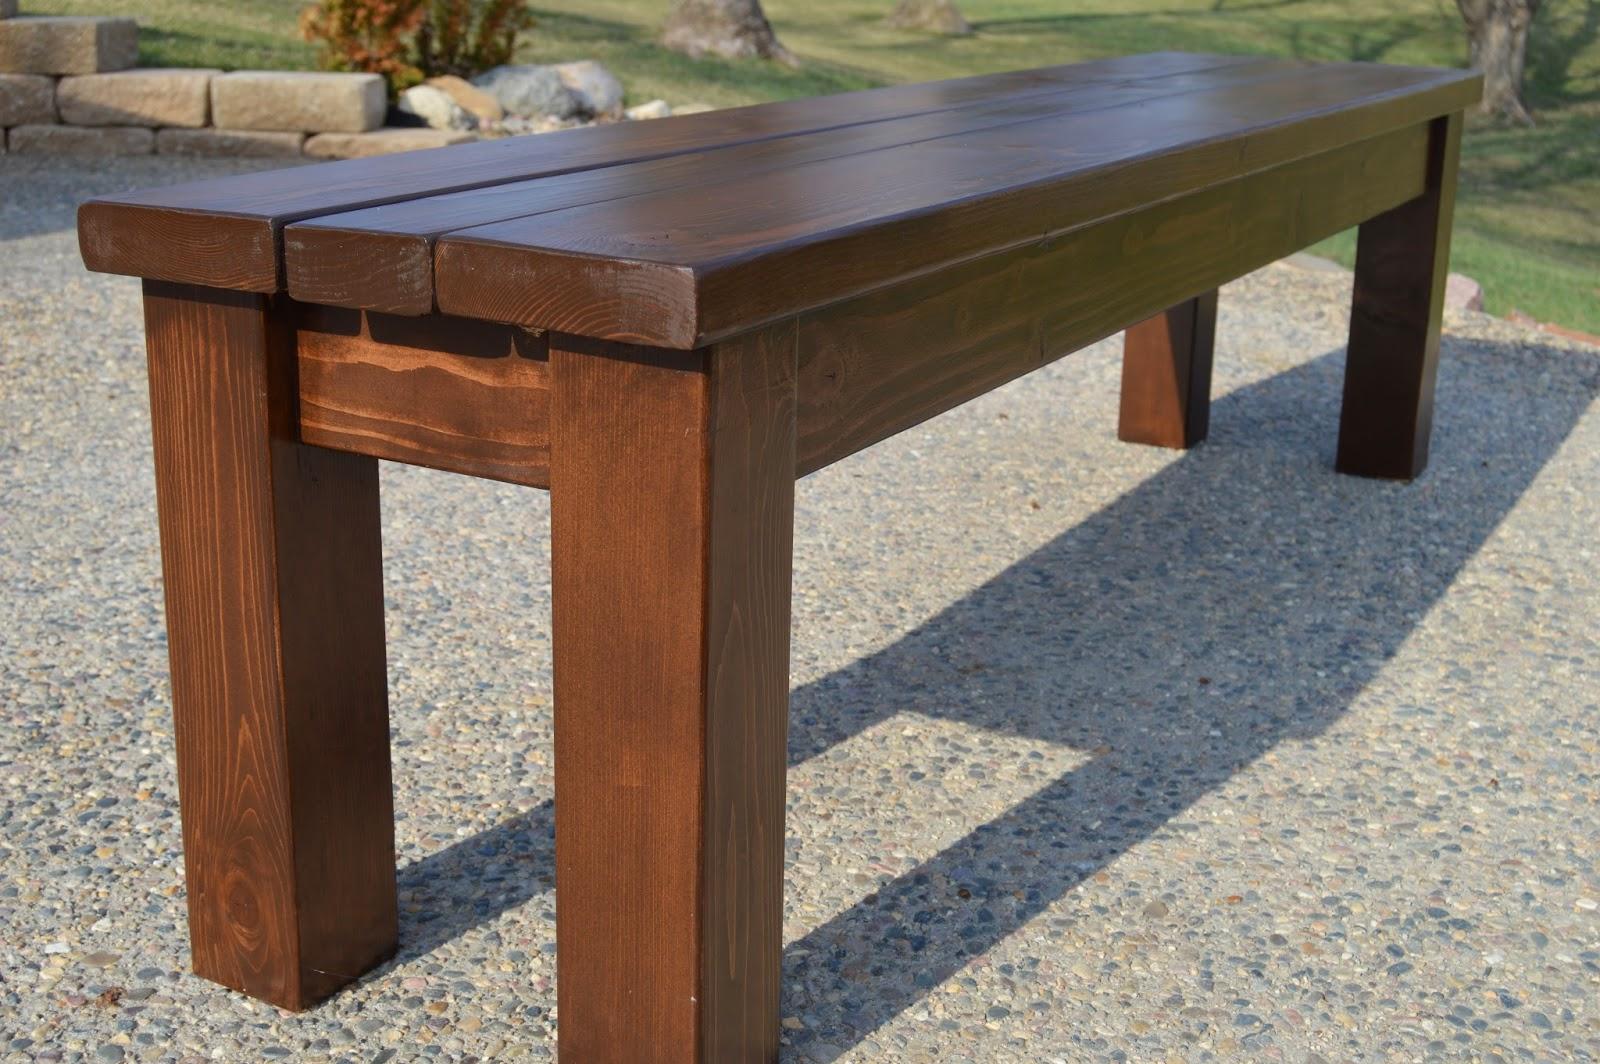 KRUSE\'S WORKSHOP: Simple Indoor/Outdoor Rustic Bench Plan